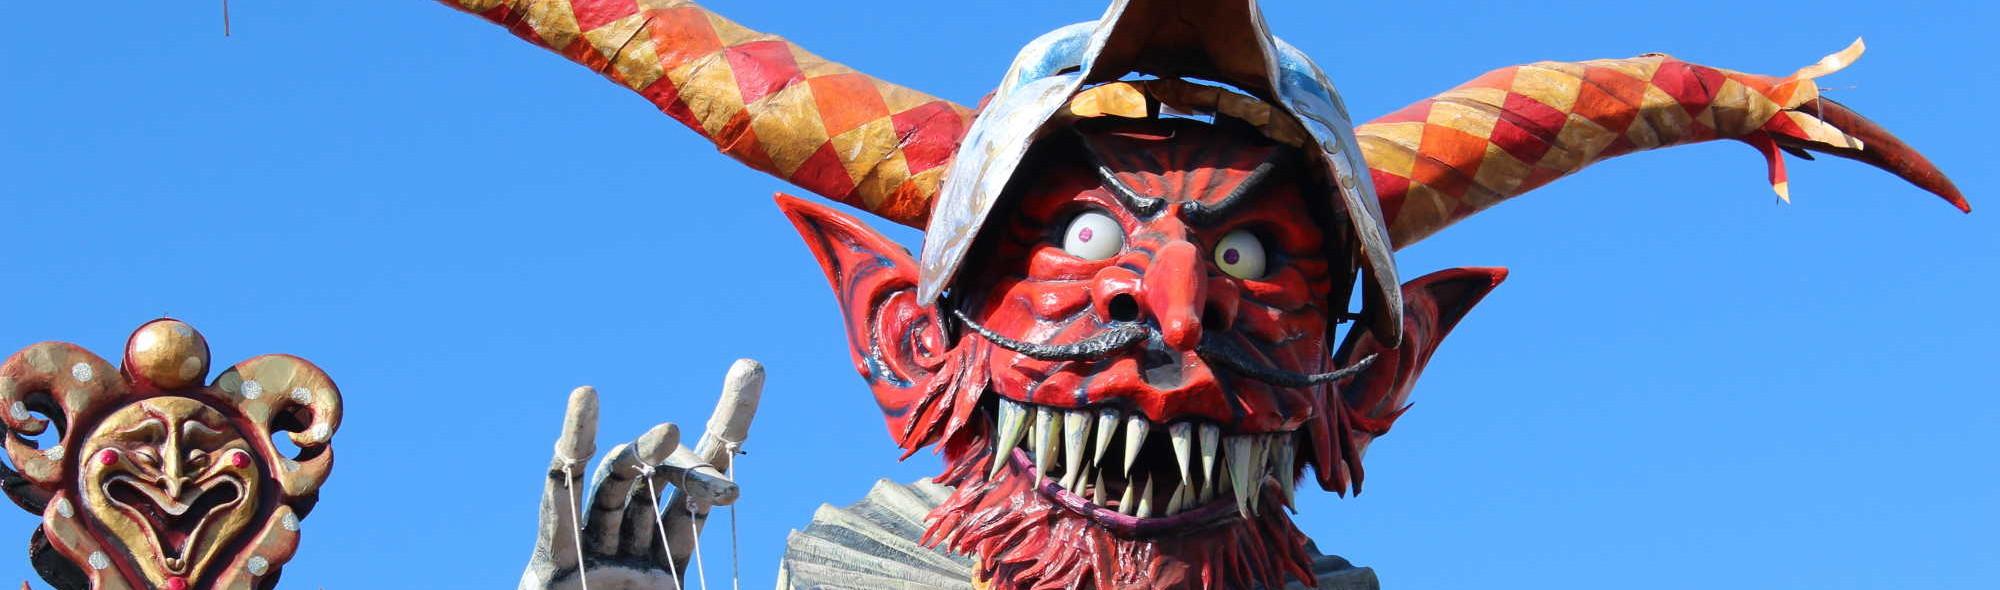 Red Devil Float, Carnevale di Viareggio, Tuscany, Italy